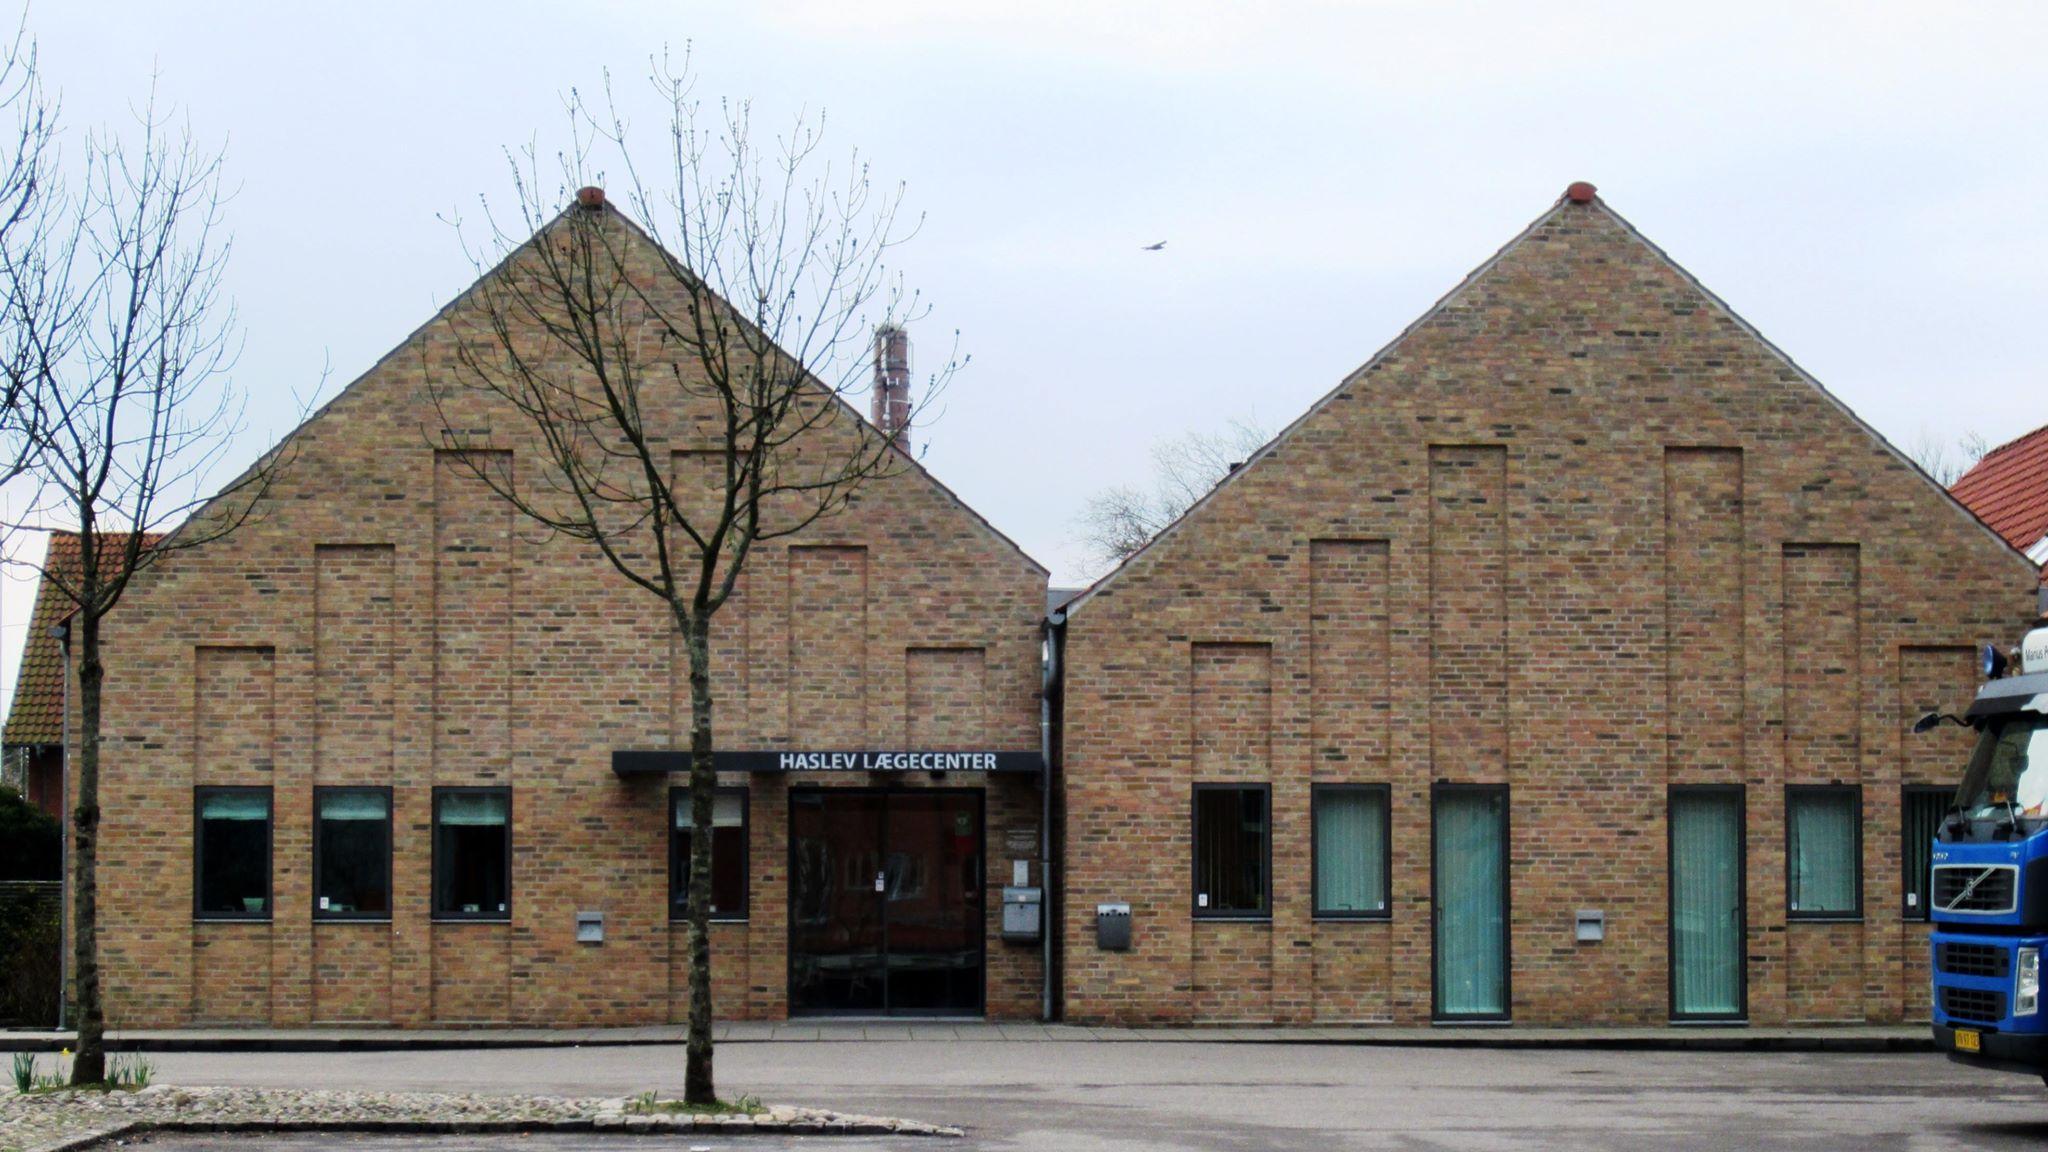 laegehuset_i_haslev_-_jytte_melau_fotograf_og_rettigheder.jpg